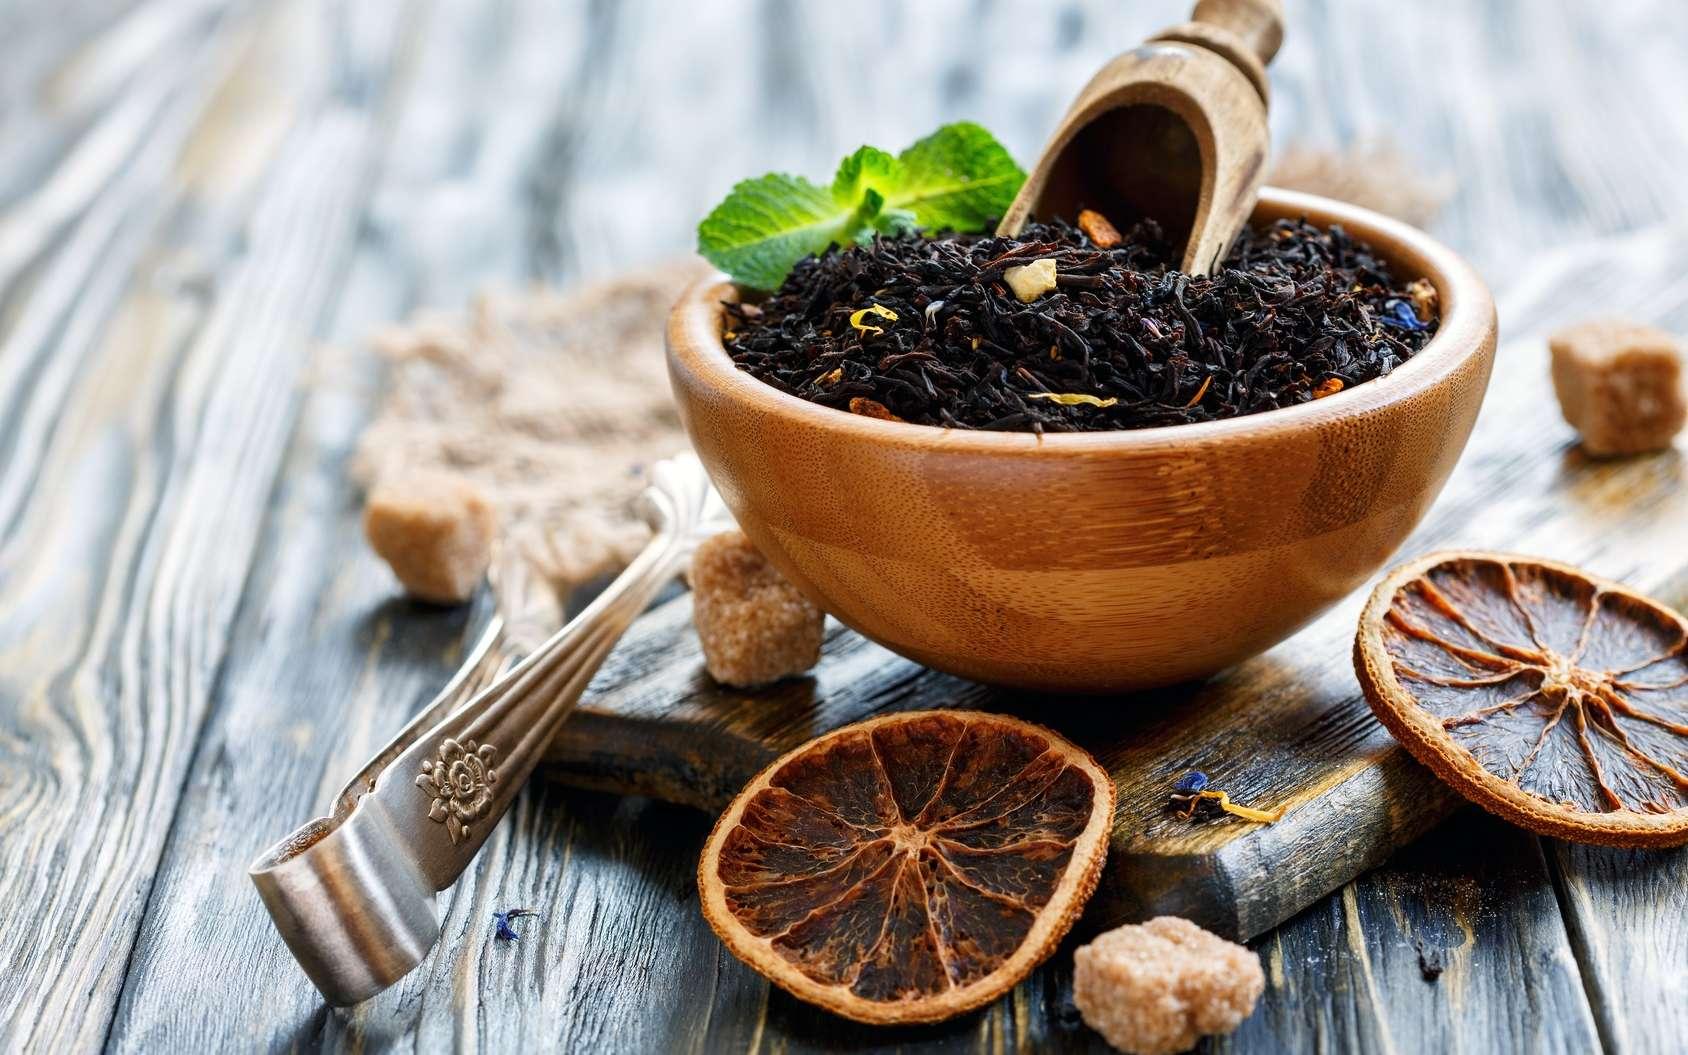 Le thé noir est souvent parfumé, par exemple avec de la bergamote ou des agrumes. © sriba3, Fotolia